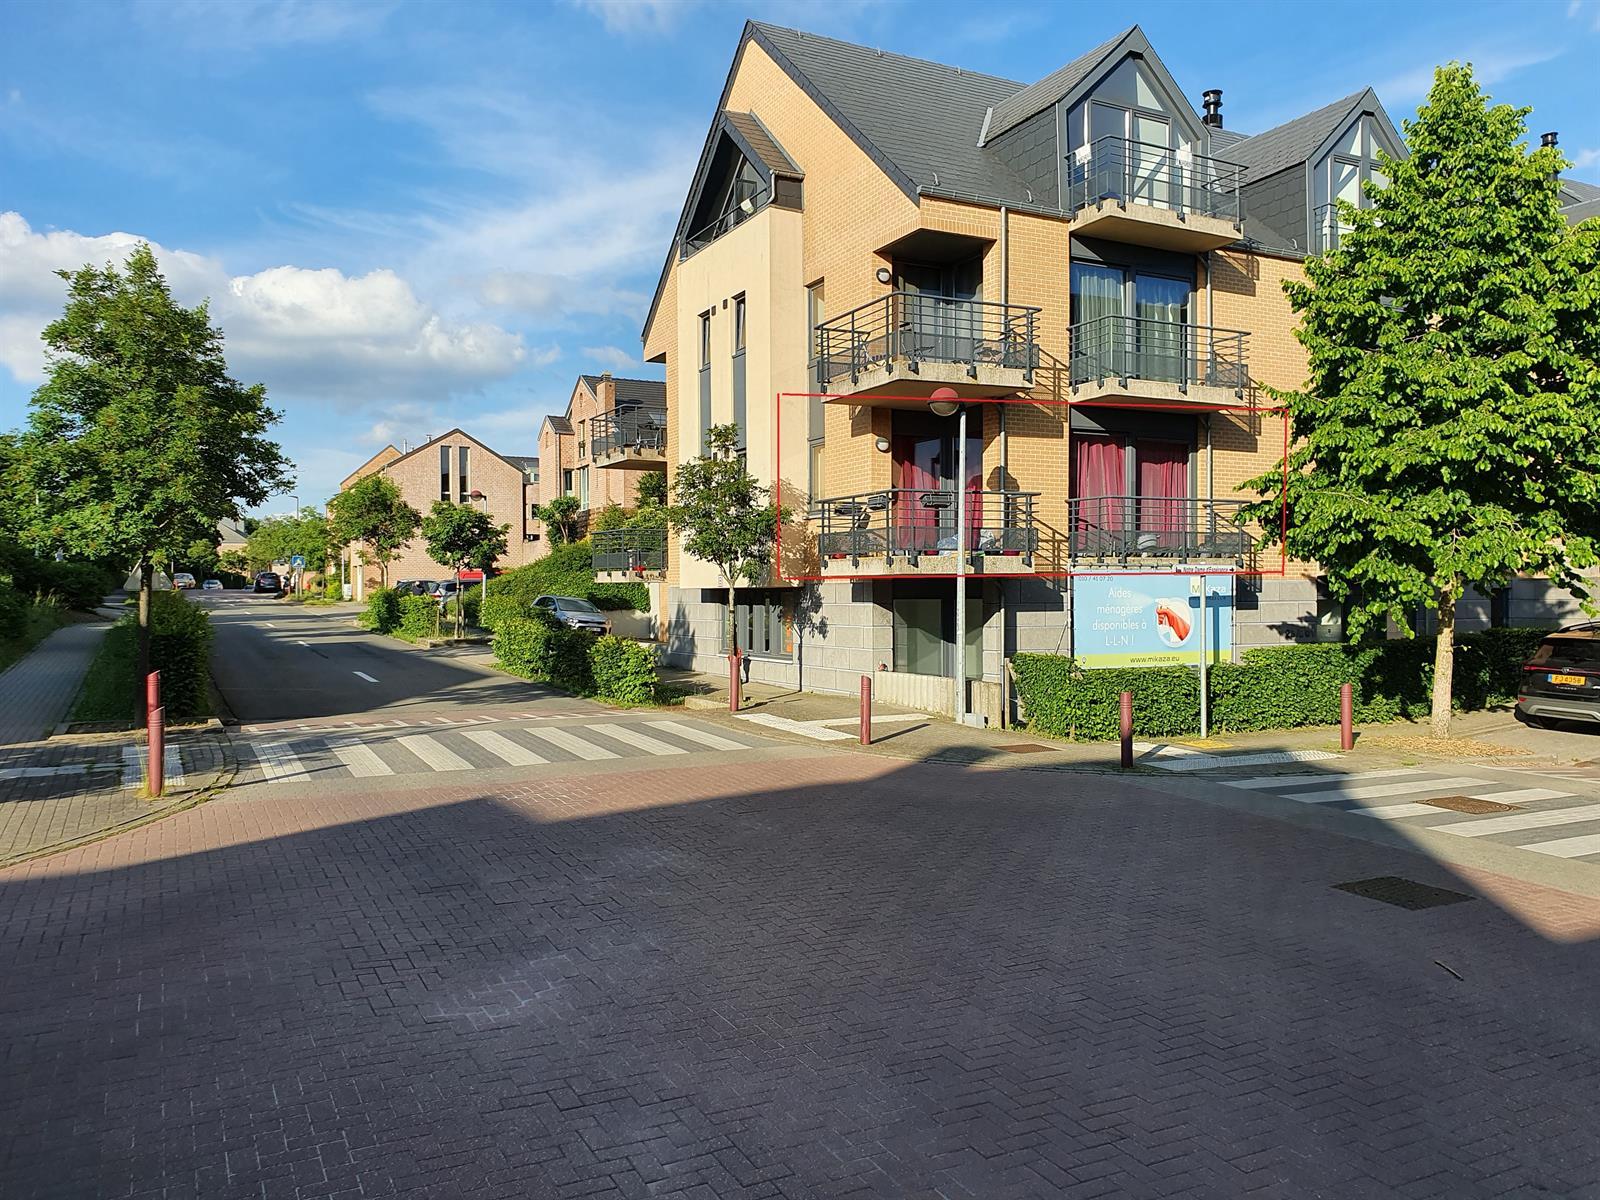 Appartement - Ottignies-Louvain-la-Neuve Louvain-la-Neuve - #4392627-1